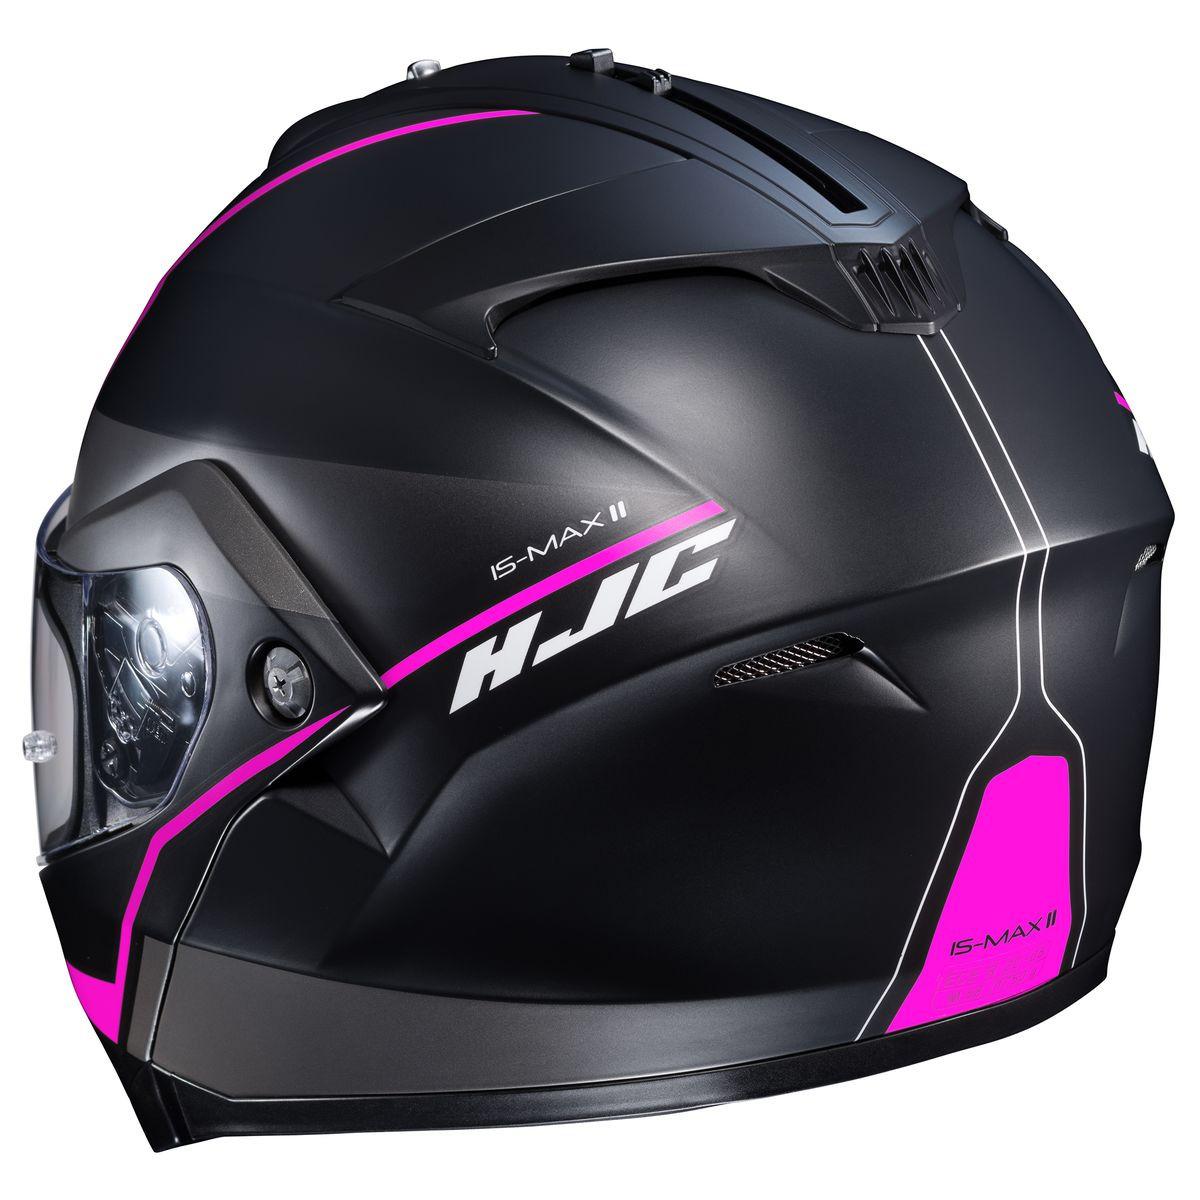 c7d26011 HJC IS-Max 2 Mine Helmet - Motorcycle House